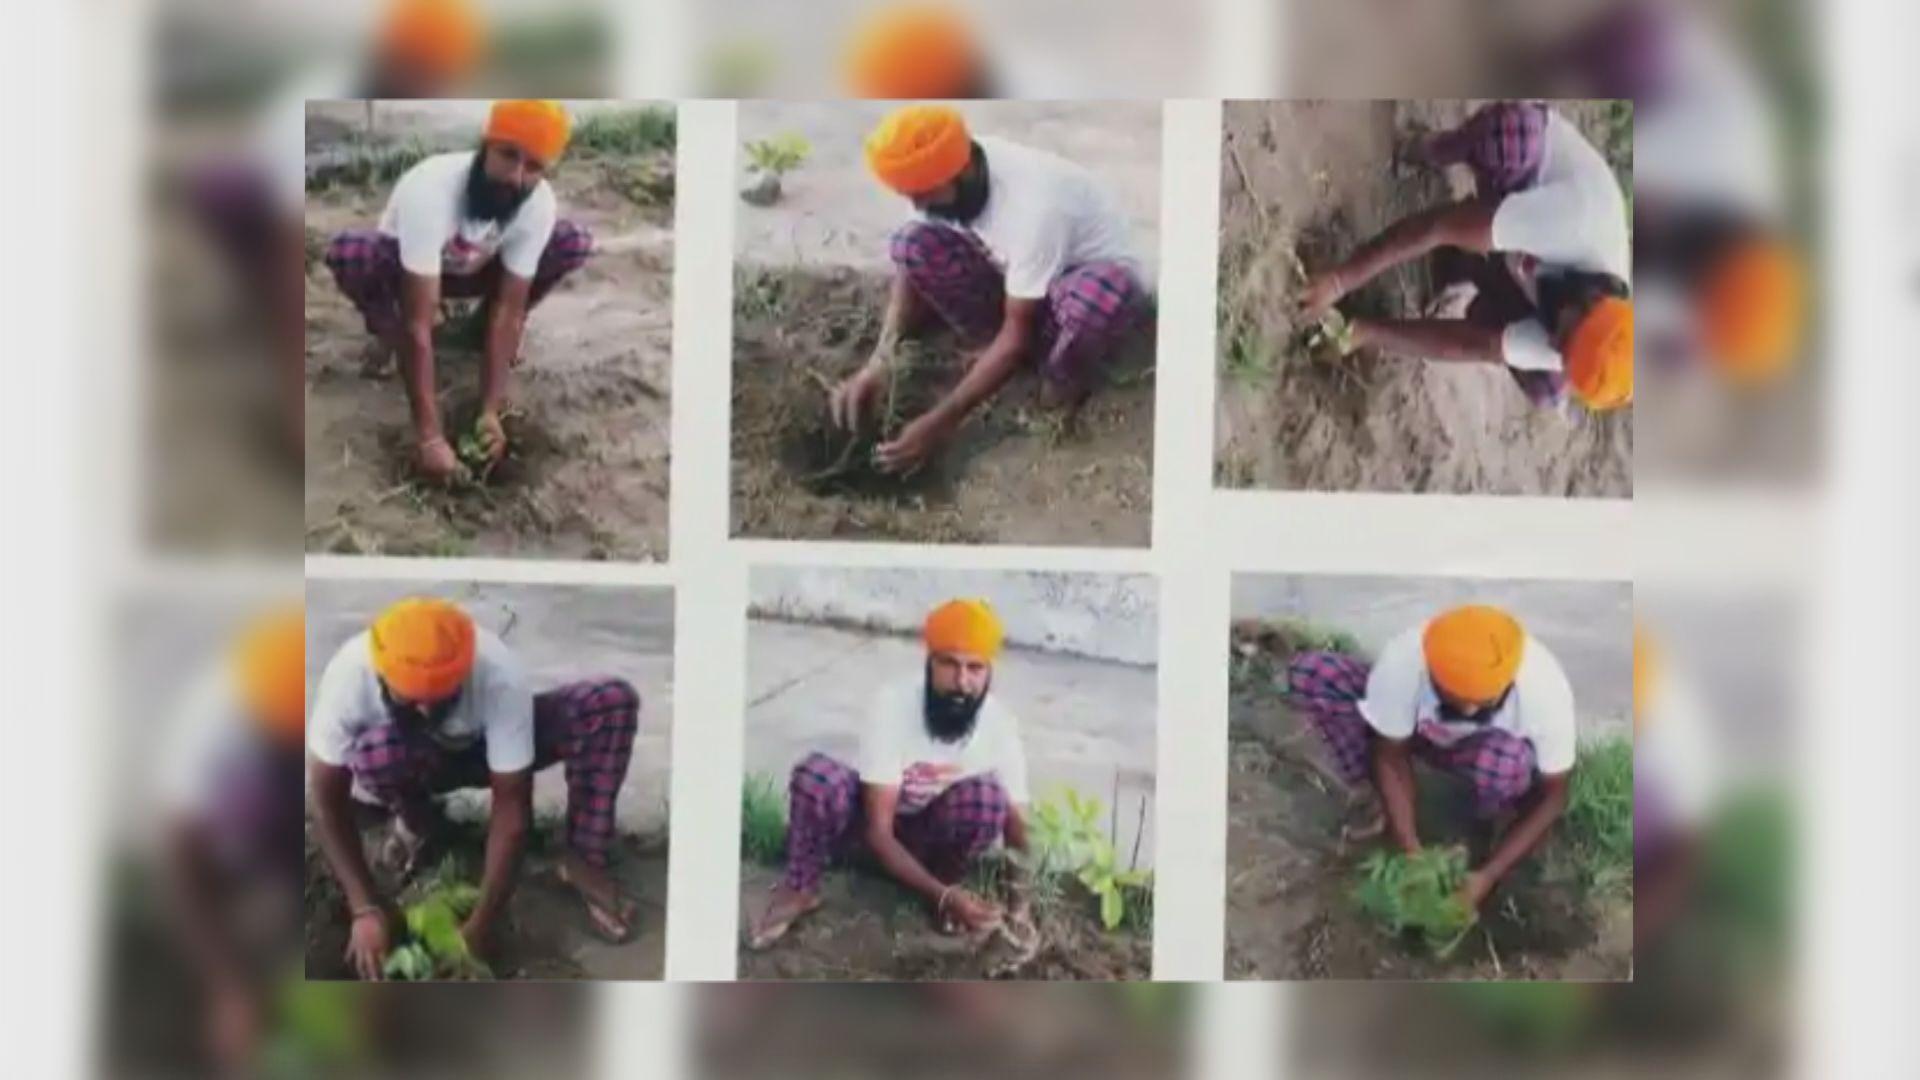 【環球薈報】印度縣市實施種樹得槍規例